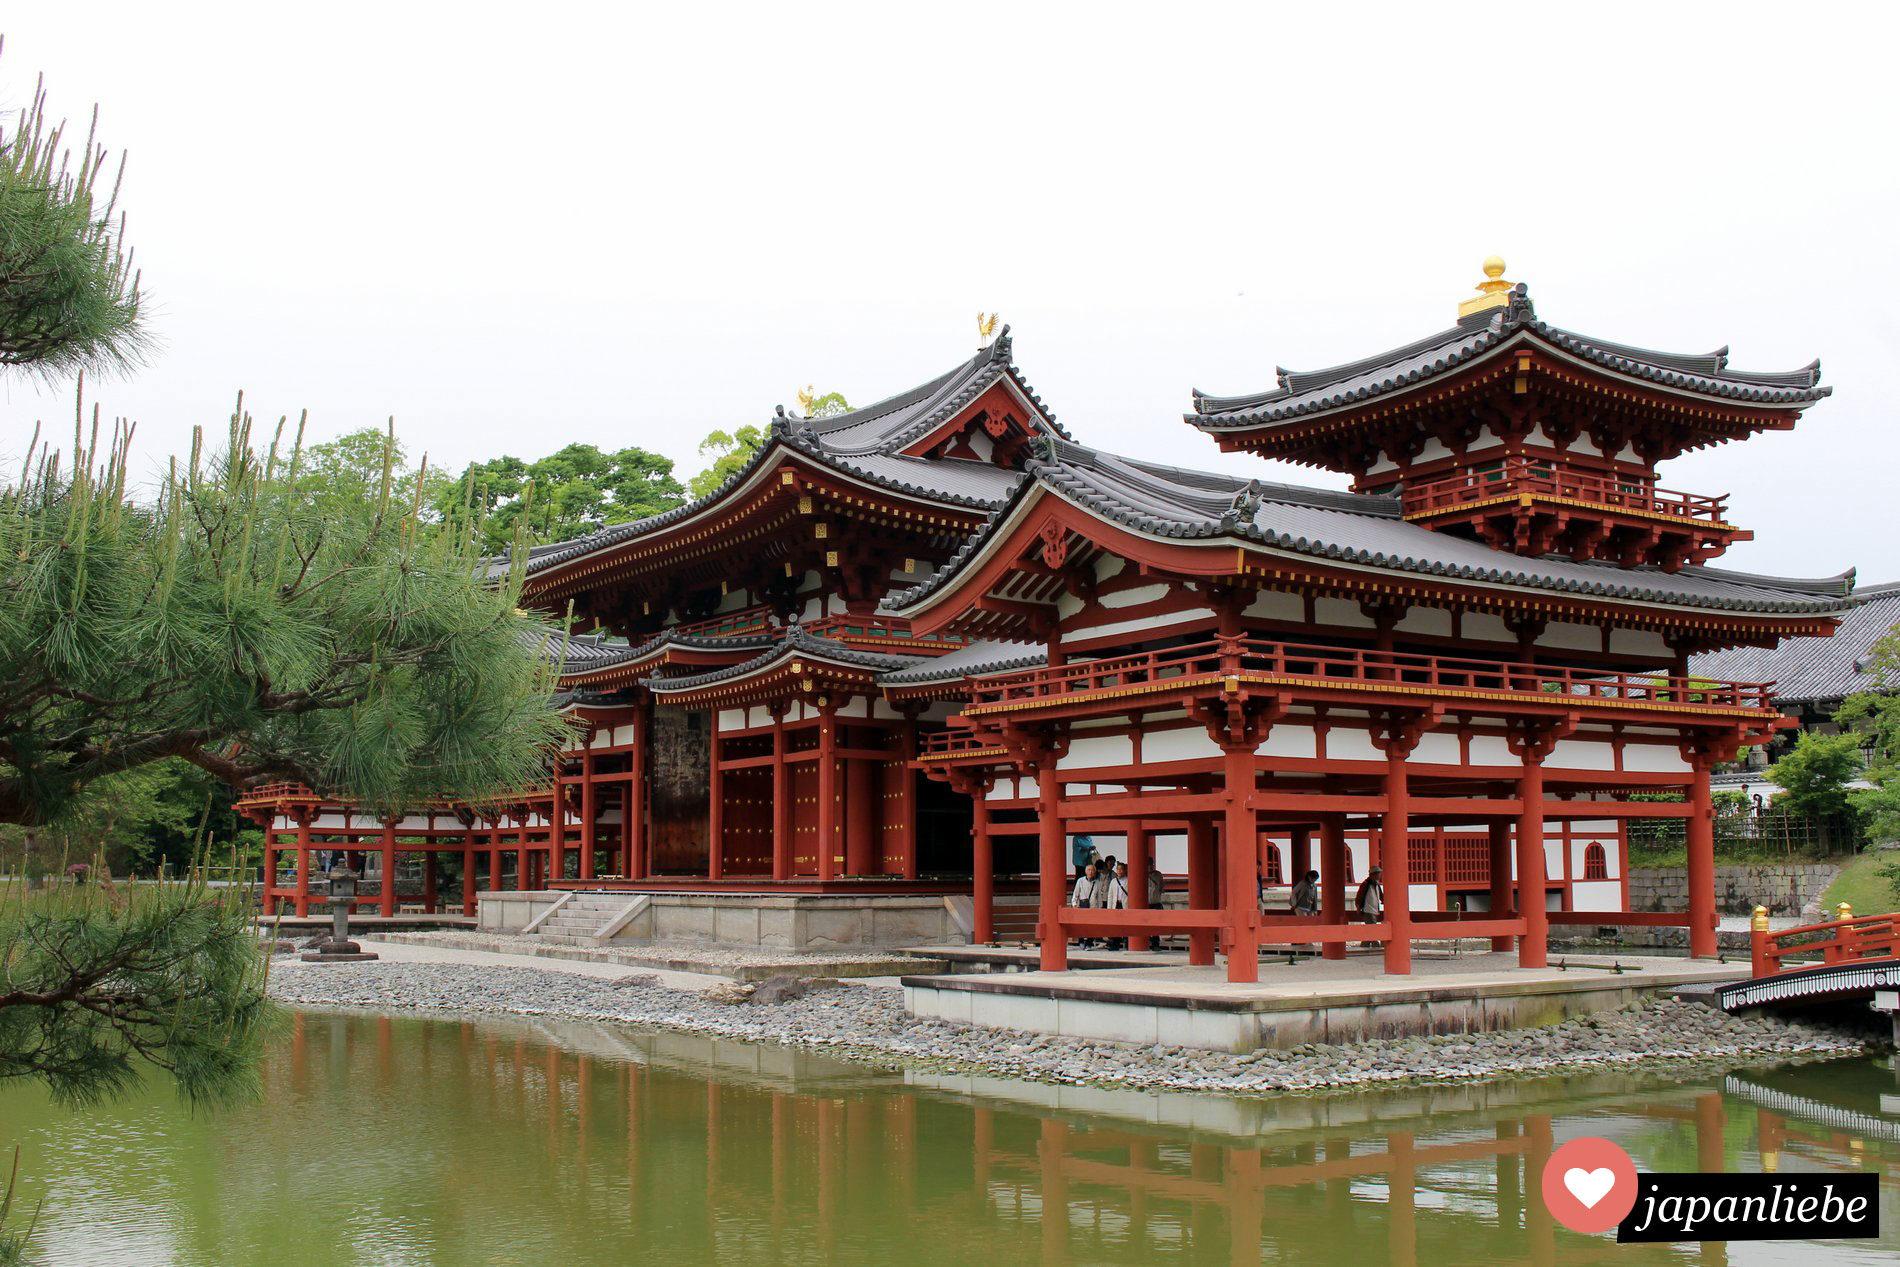 Der Byodo-in Tempel in Uji nahe Kyoto gehört wegen seiner Schönheit zum UNSECO Weltkulturerbe und ziert sogar die 10-Yen-Münze.